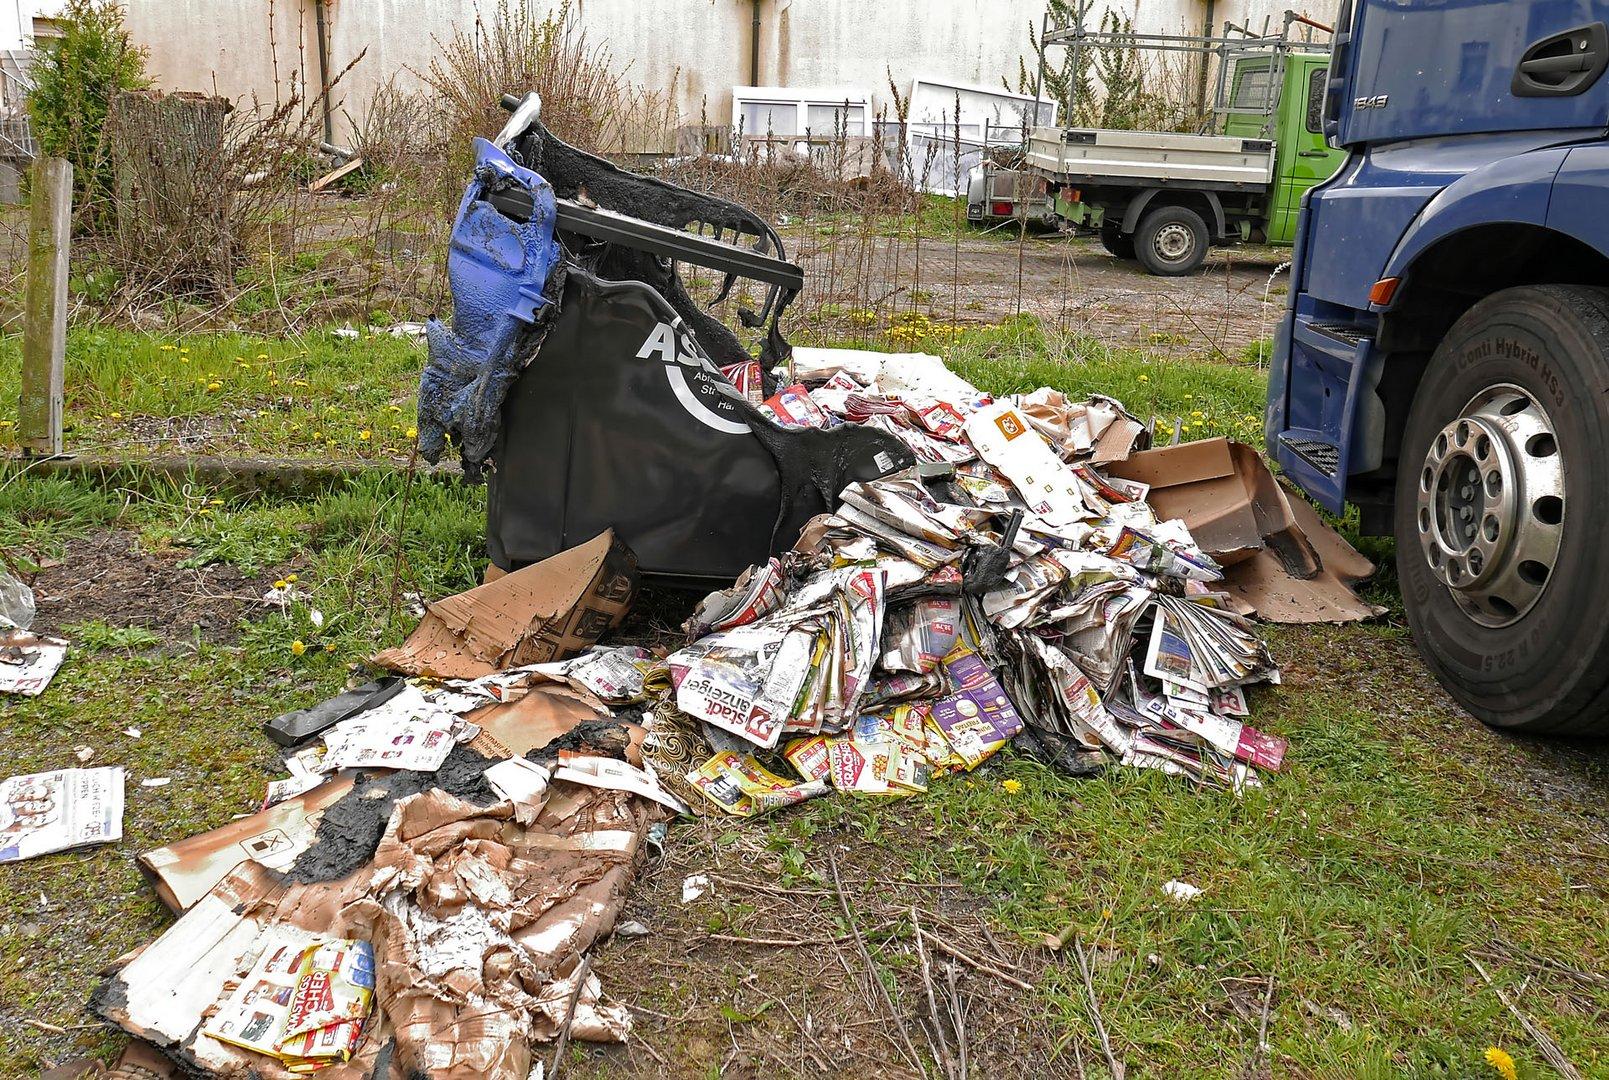 Wilde Müllverbrennung - verkokelter Altpapiercontainer in einem heruntergekommenen Hinterhof